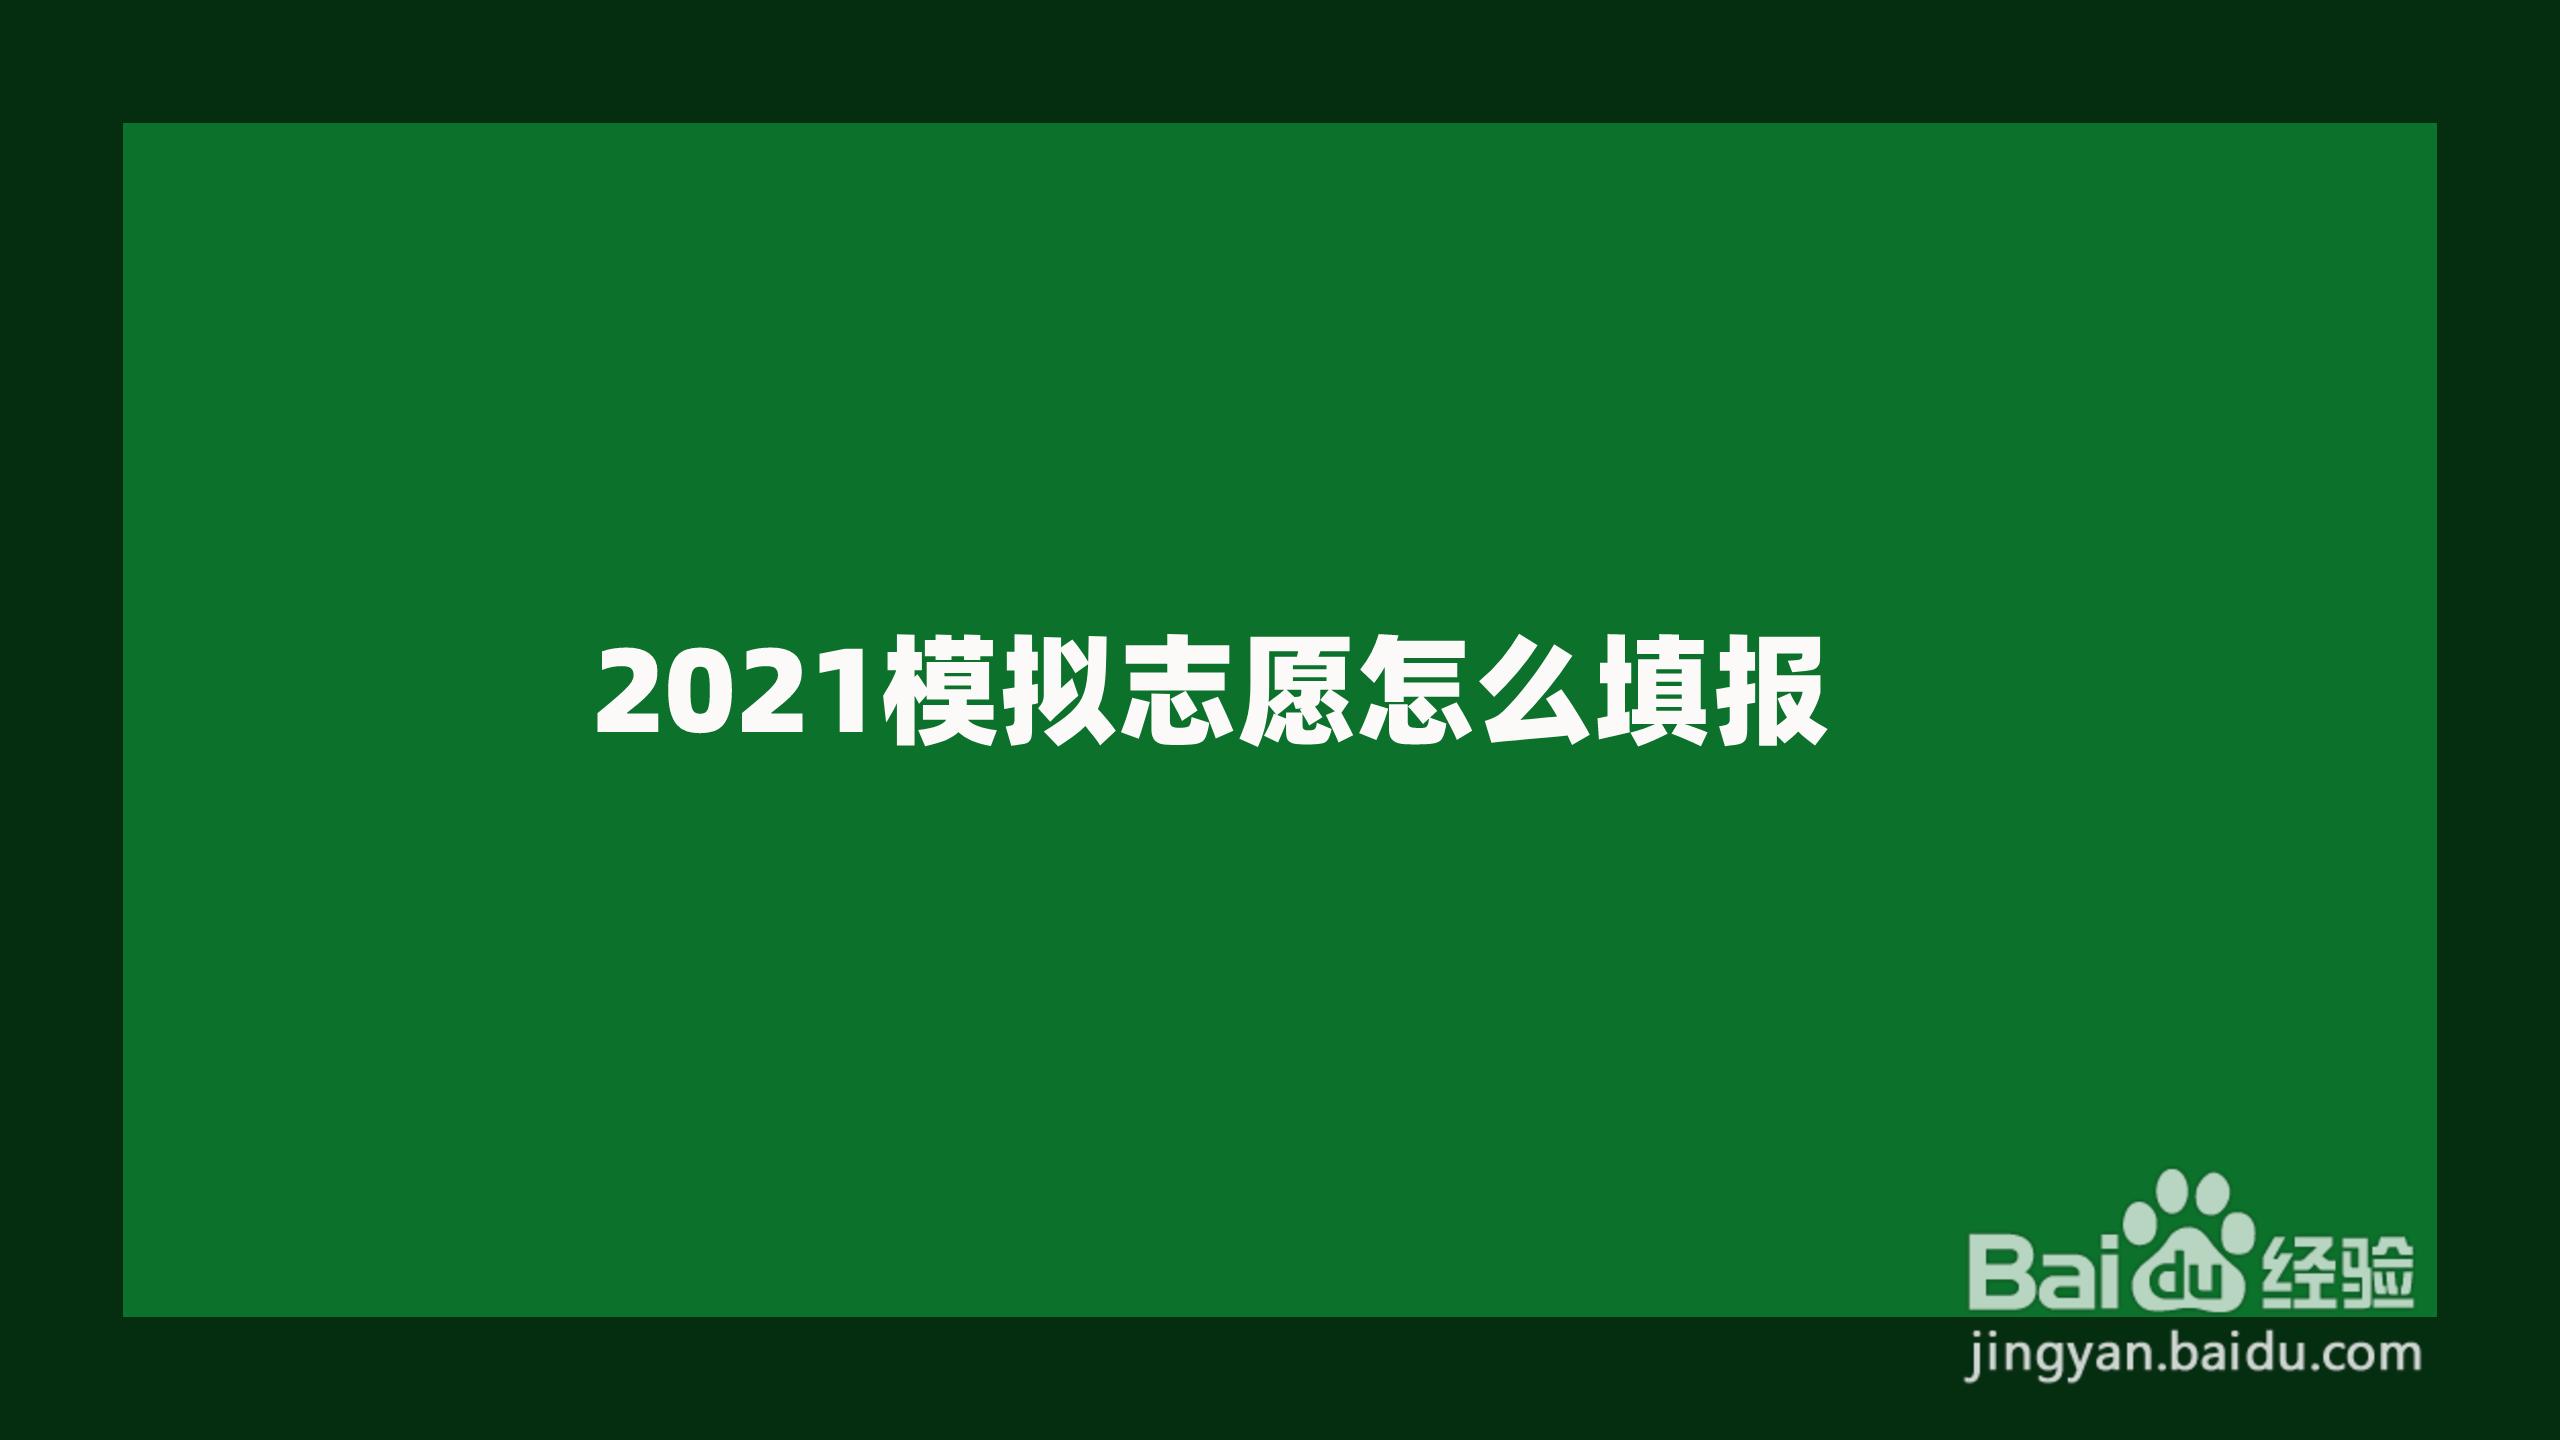 2021模拟志愿怎么填报